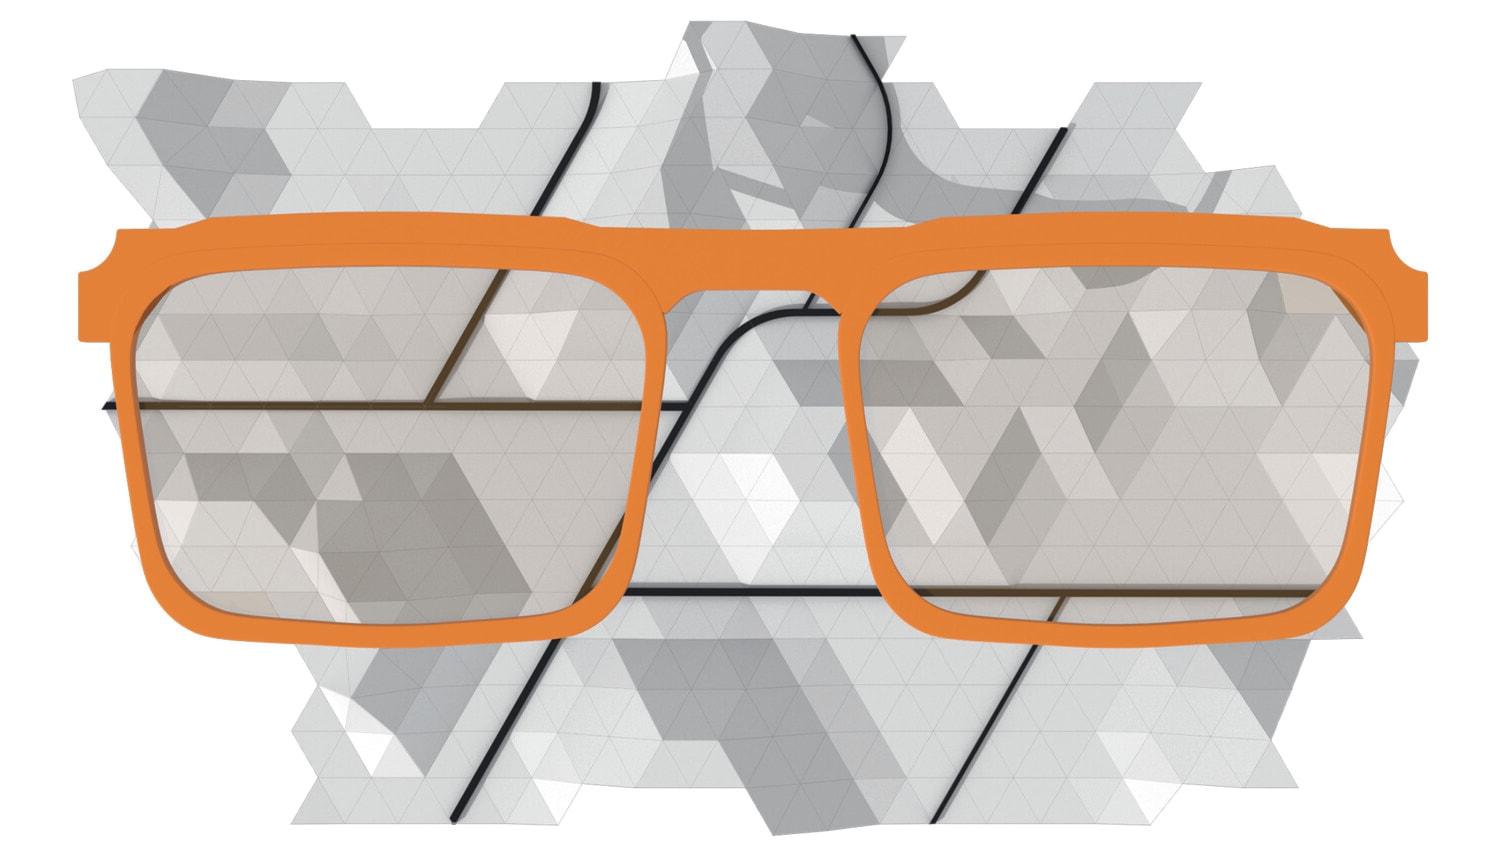 Gafas AR: tu cerebro es la interfaz de usuario